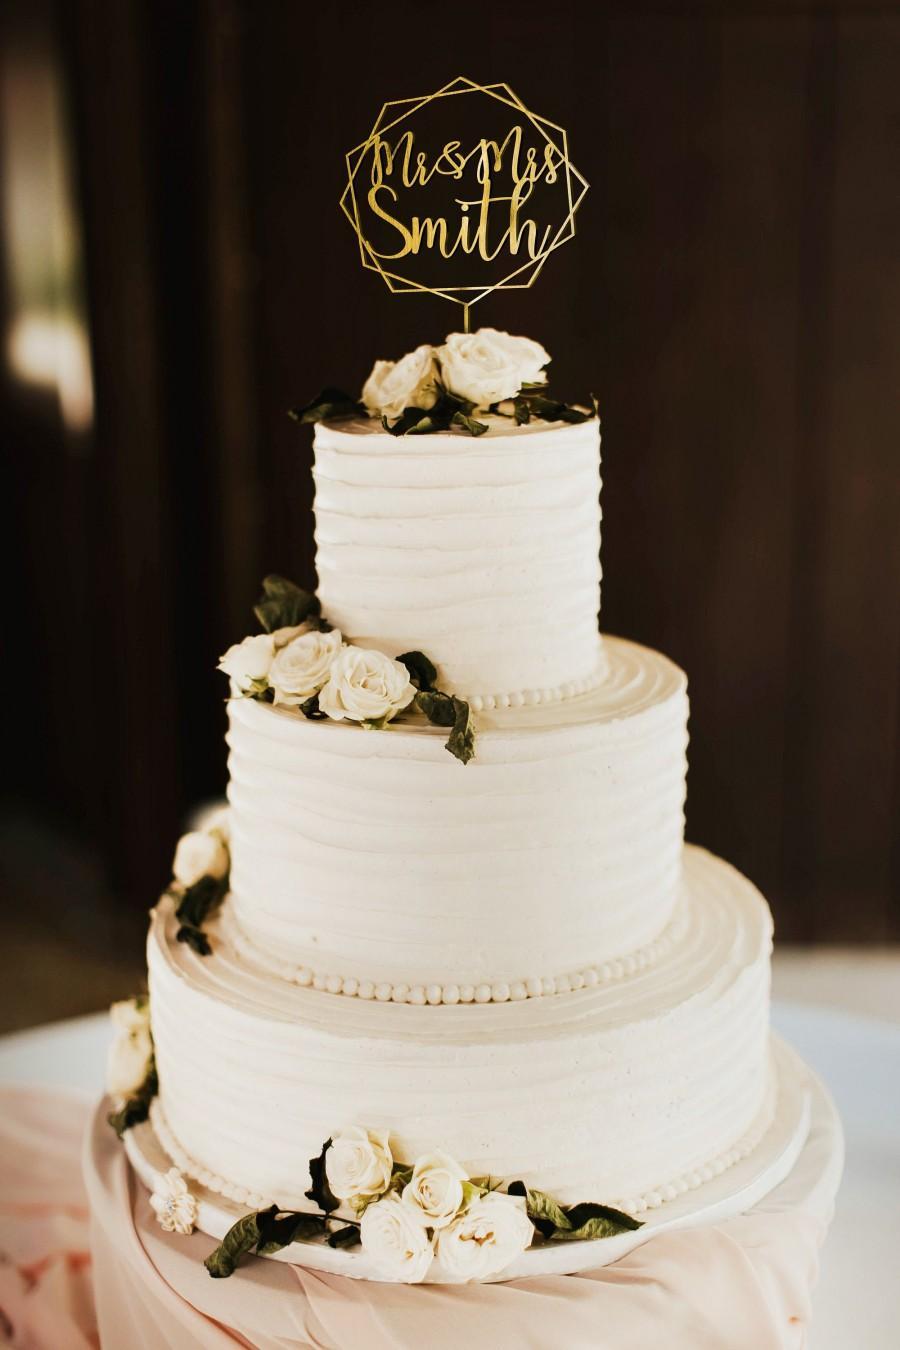 زفاف - Personalized Wedding Cake Topper - Mr and Mrs Cake Topper - Rose Gold, Silver - WCT03